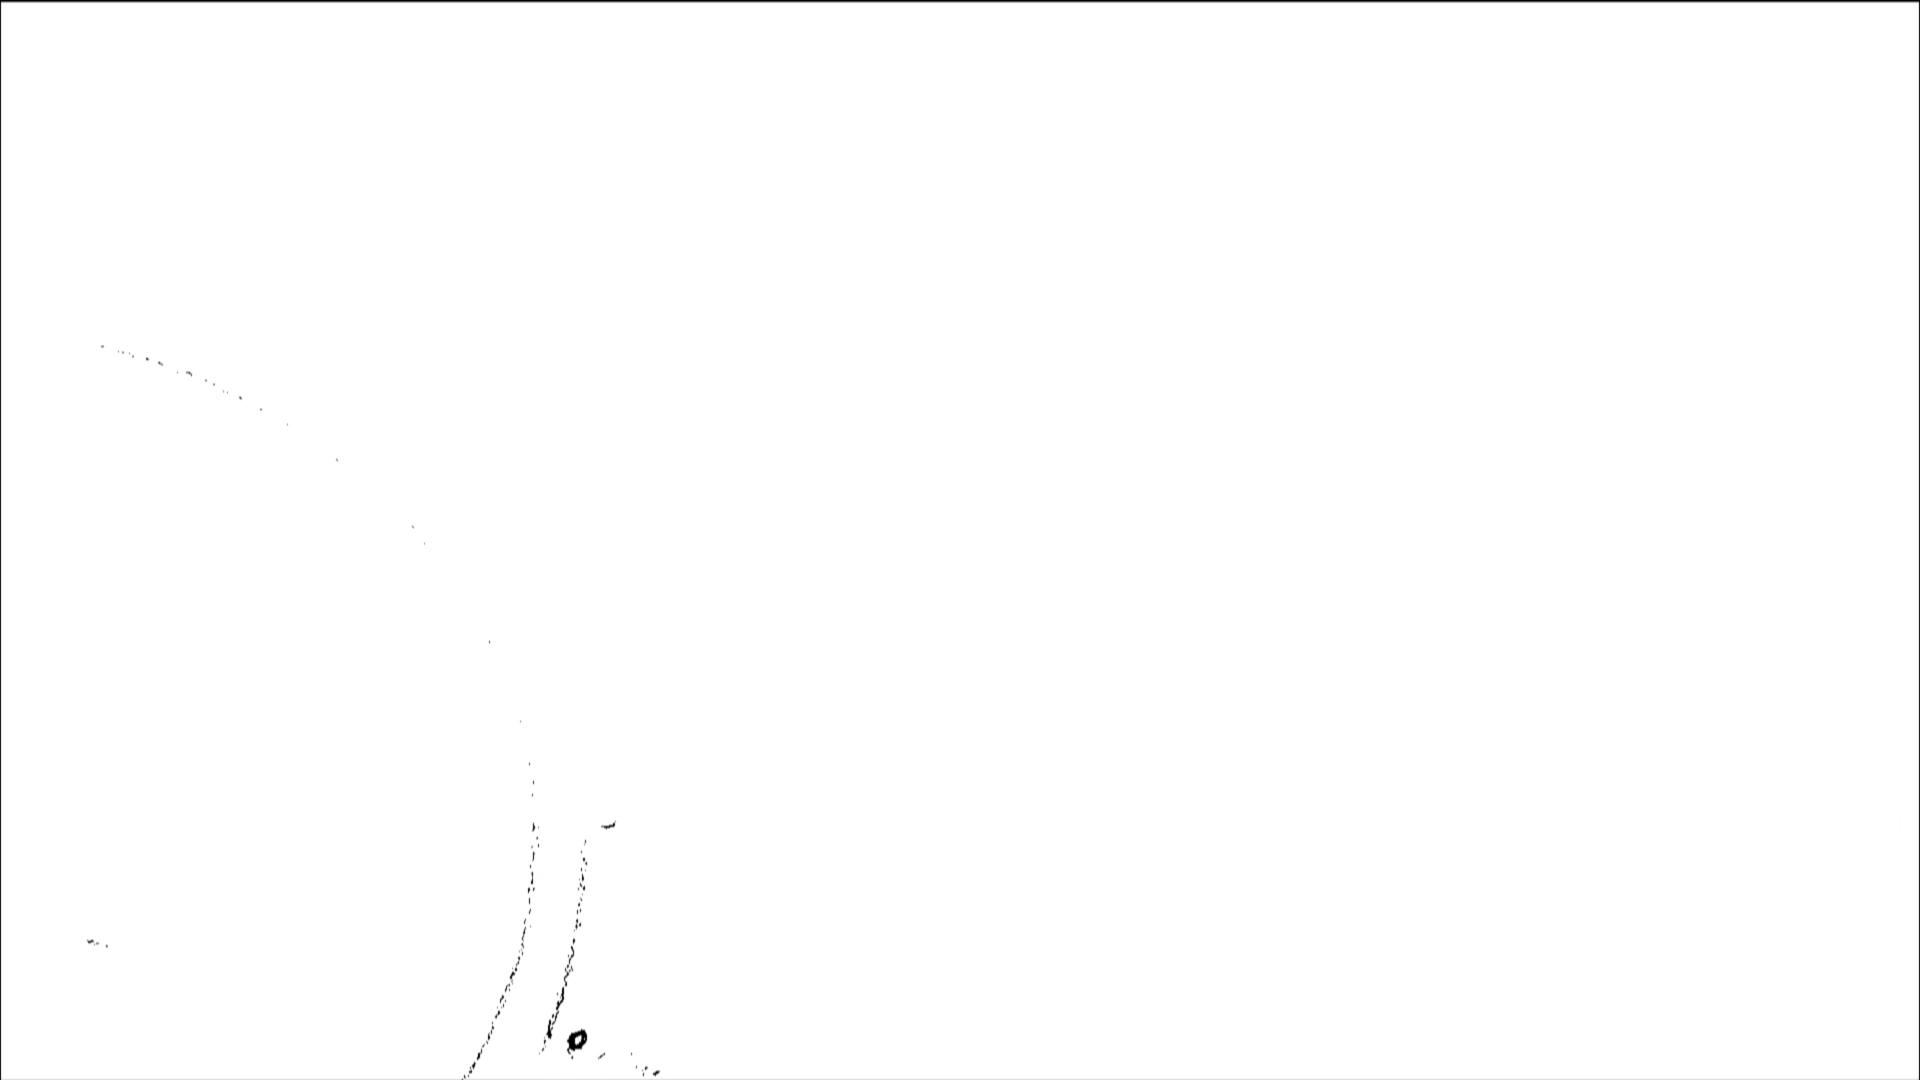 無修正エロ動画|洗面所特攻隊 vol.72 番外編 「最後の女性」の特集 番外編|怪盗ジョーカー